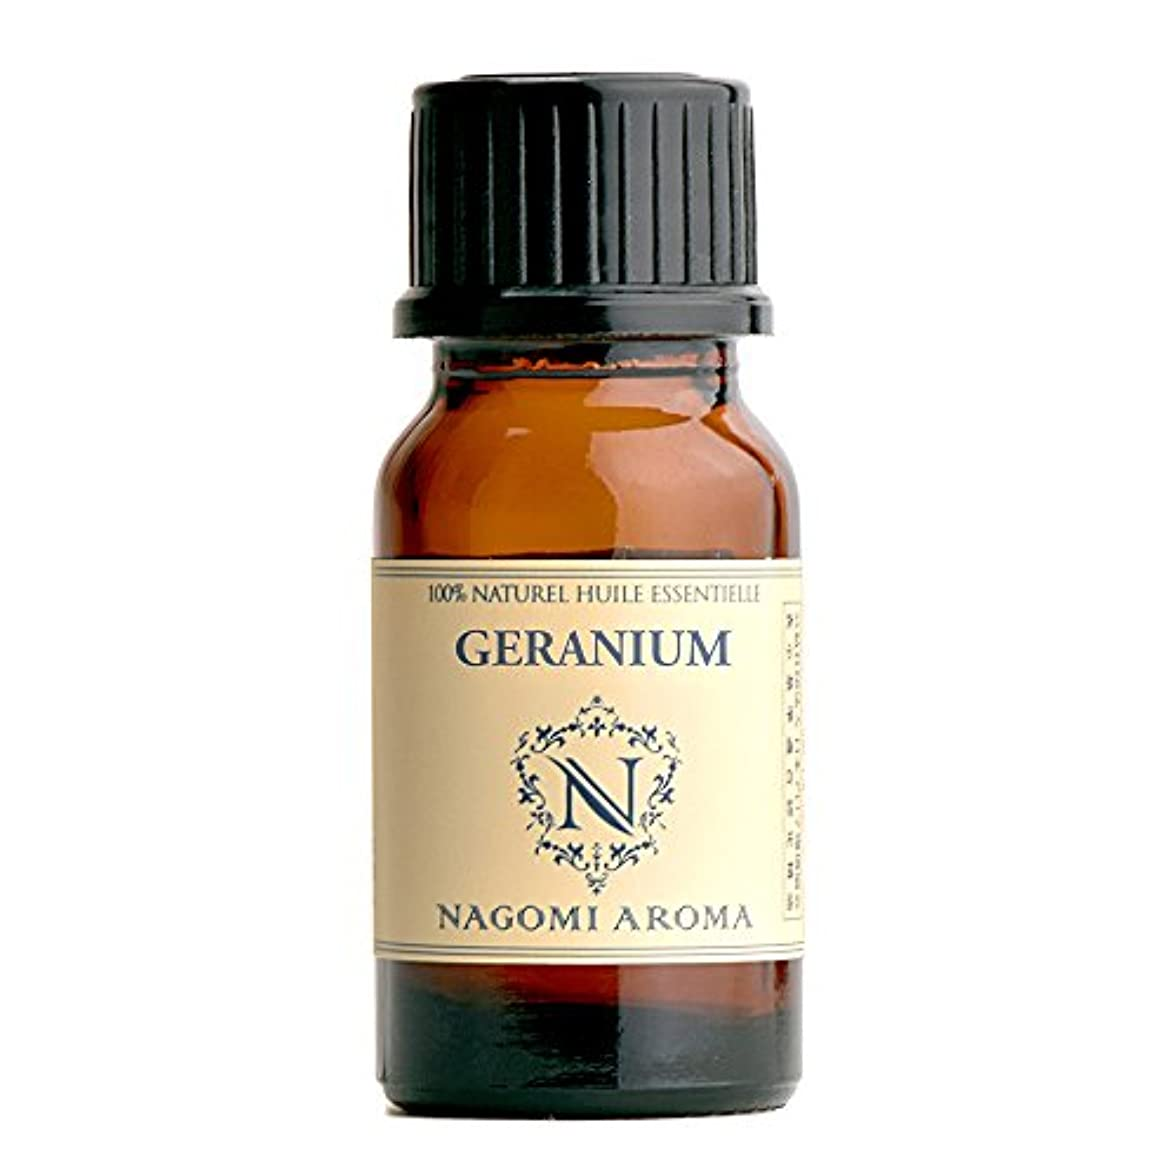 水差しカナダ同意NAGOMI AROMA ゼラニウム 10ml 【AEAJ認定精油】【アロマオイル】